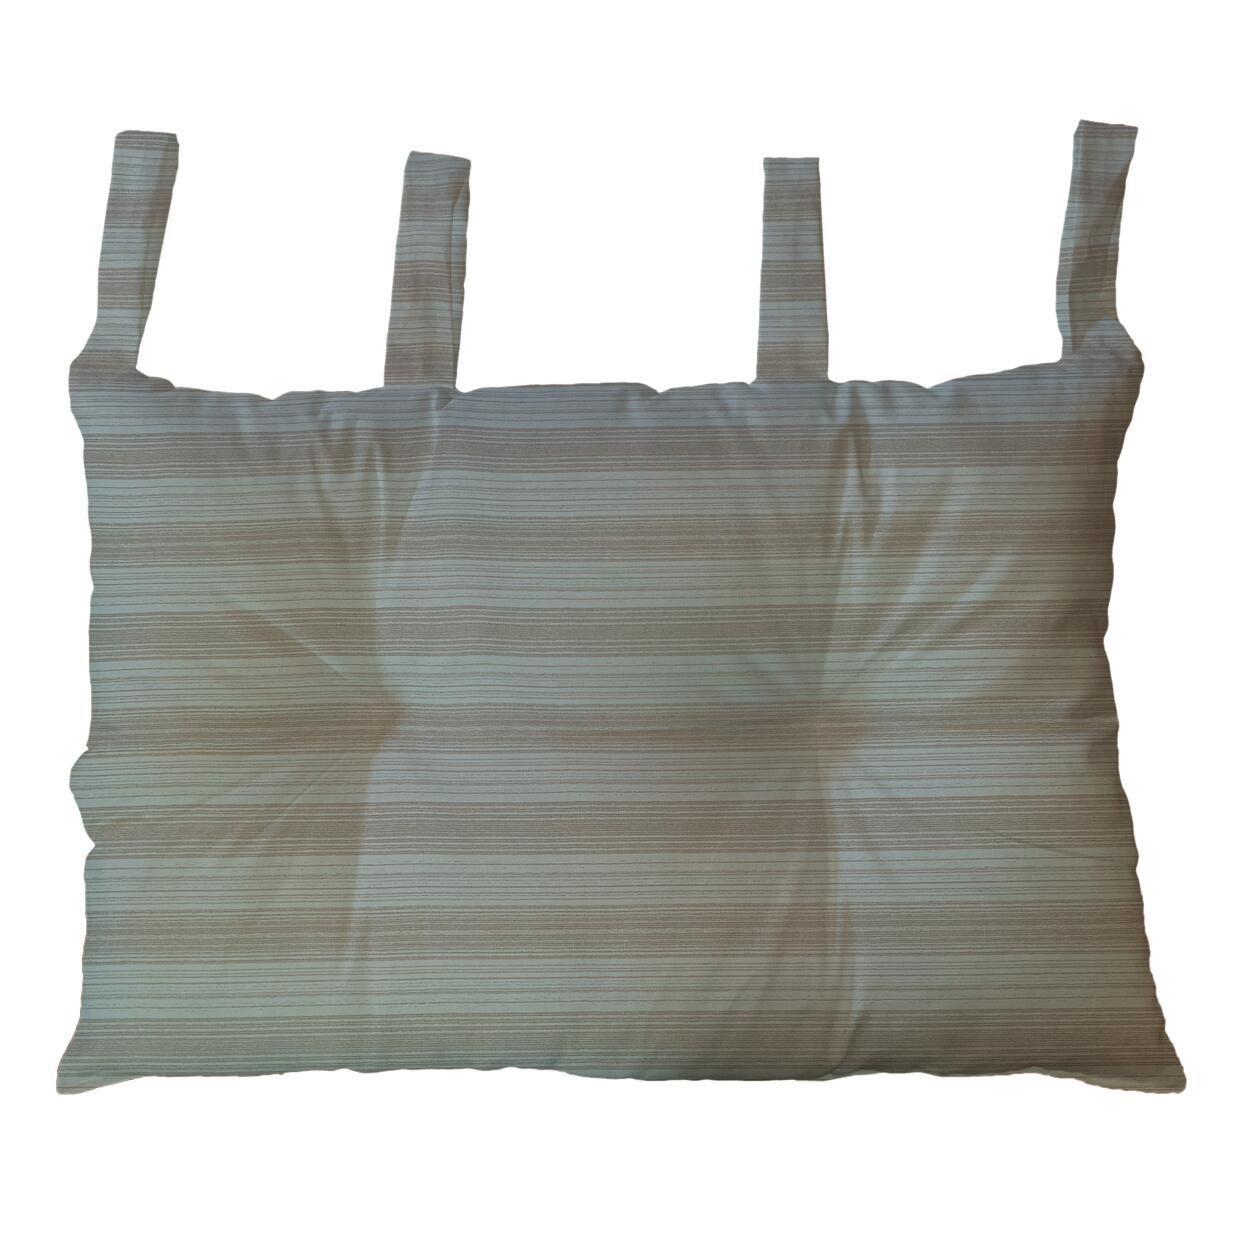 Cuscino testata letto RIGA ecru 45x70 cm - 3